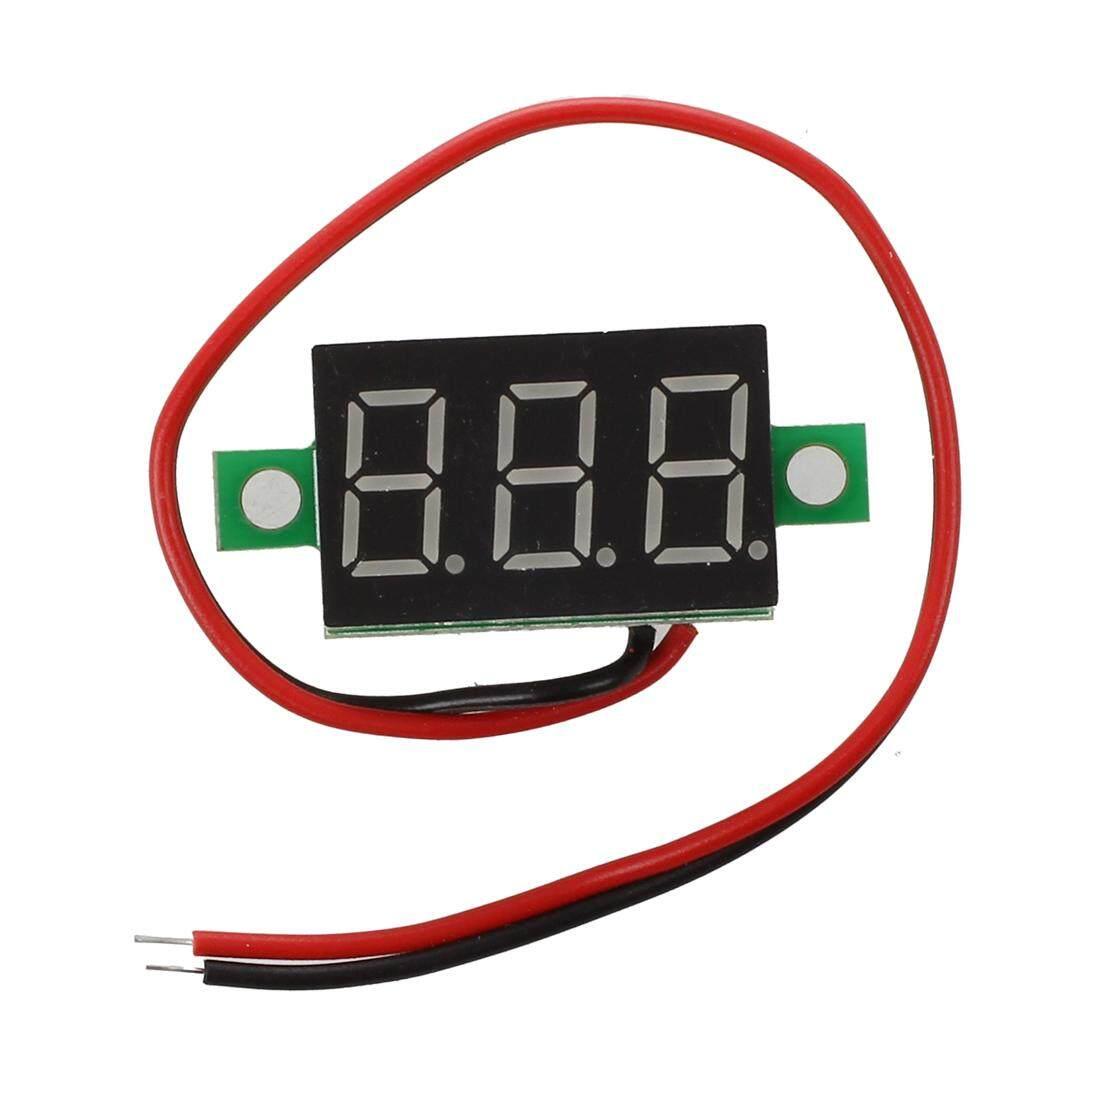 LED Mini Voltmeter digital voltage display panel meter 4.7-32V DC